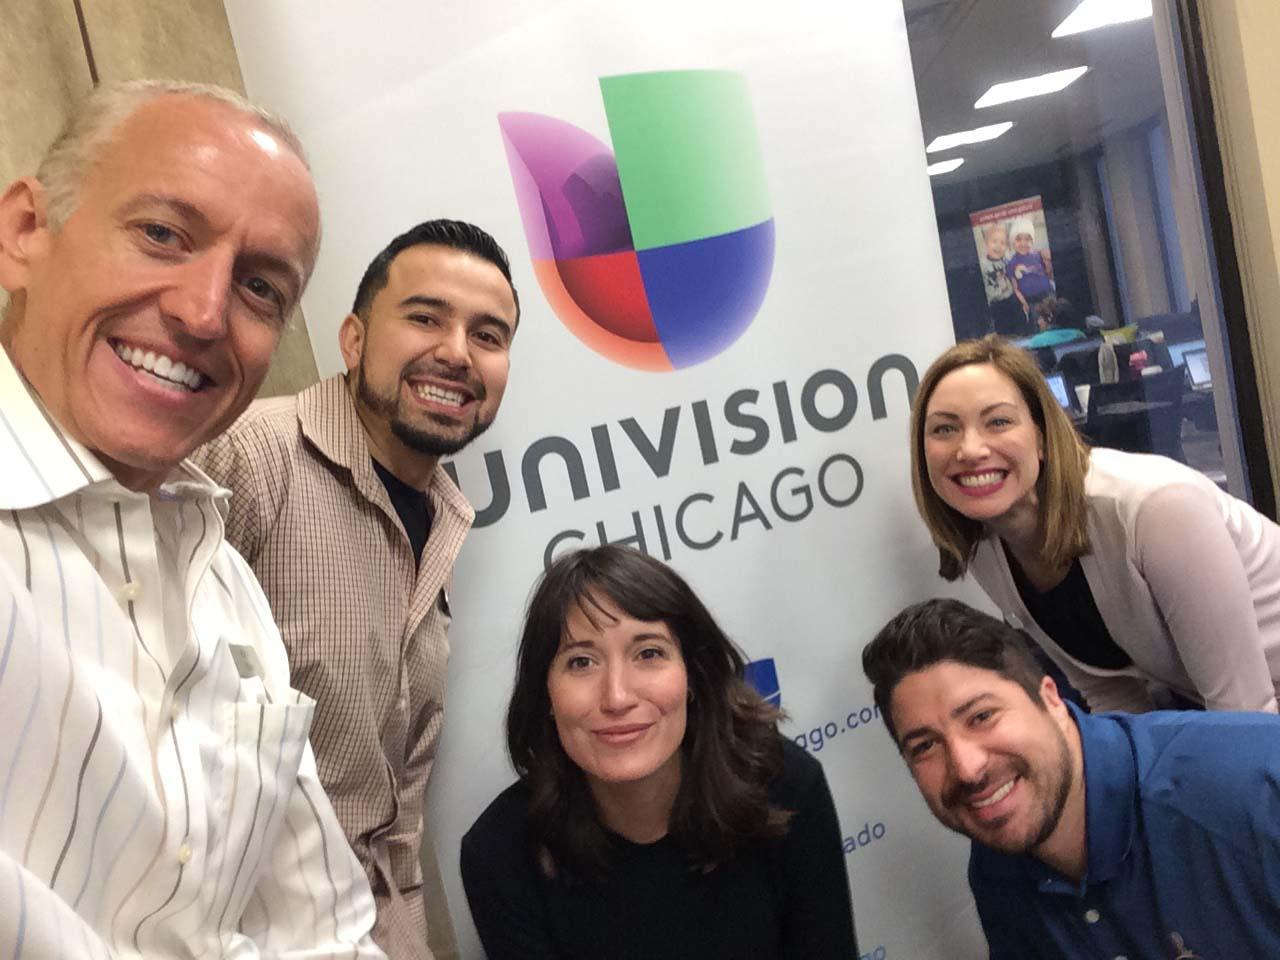 Univision Chicago's Radio event